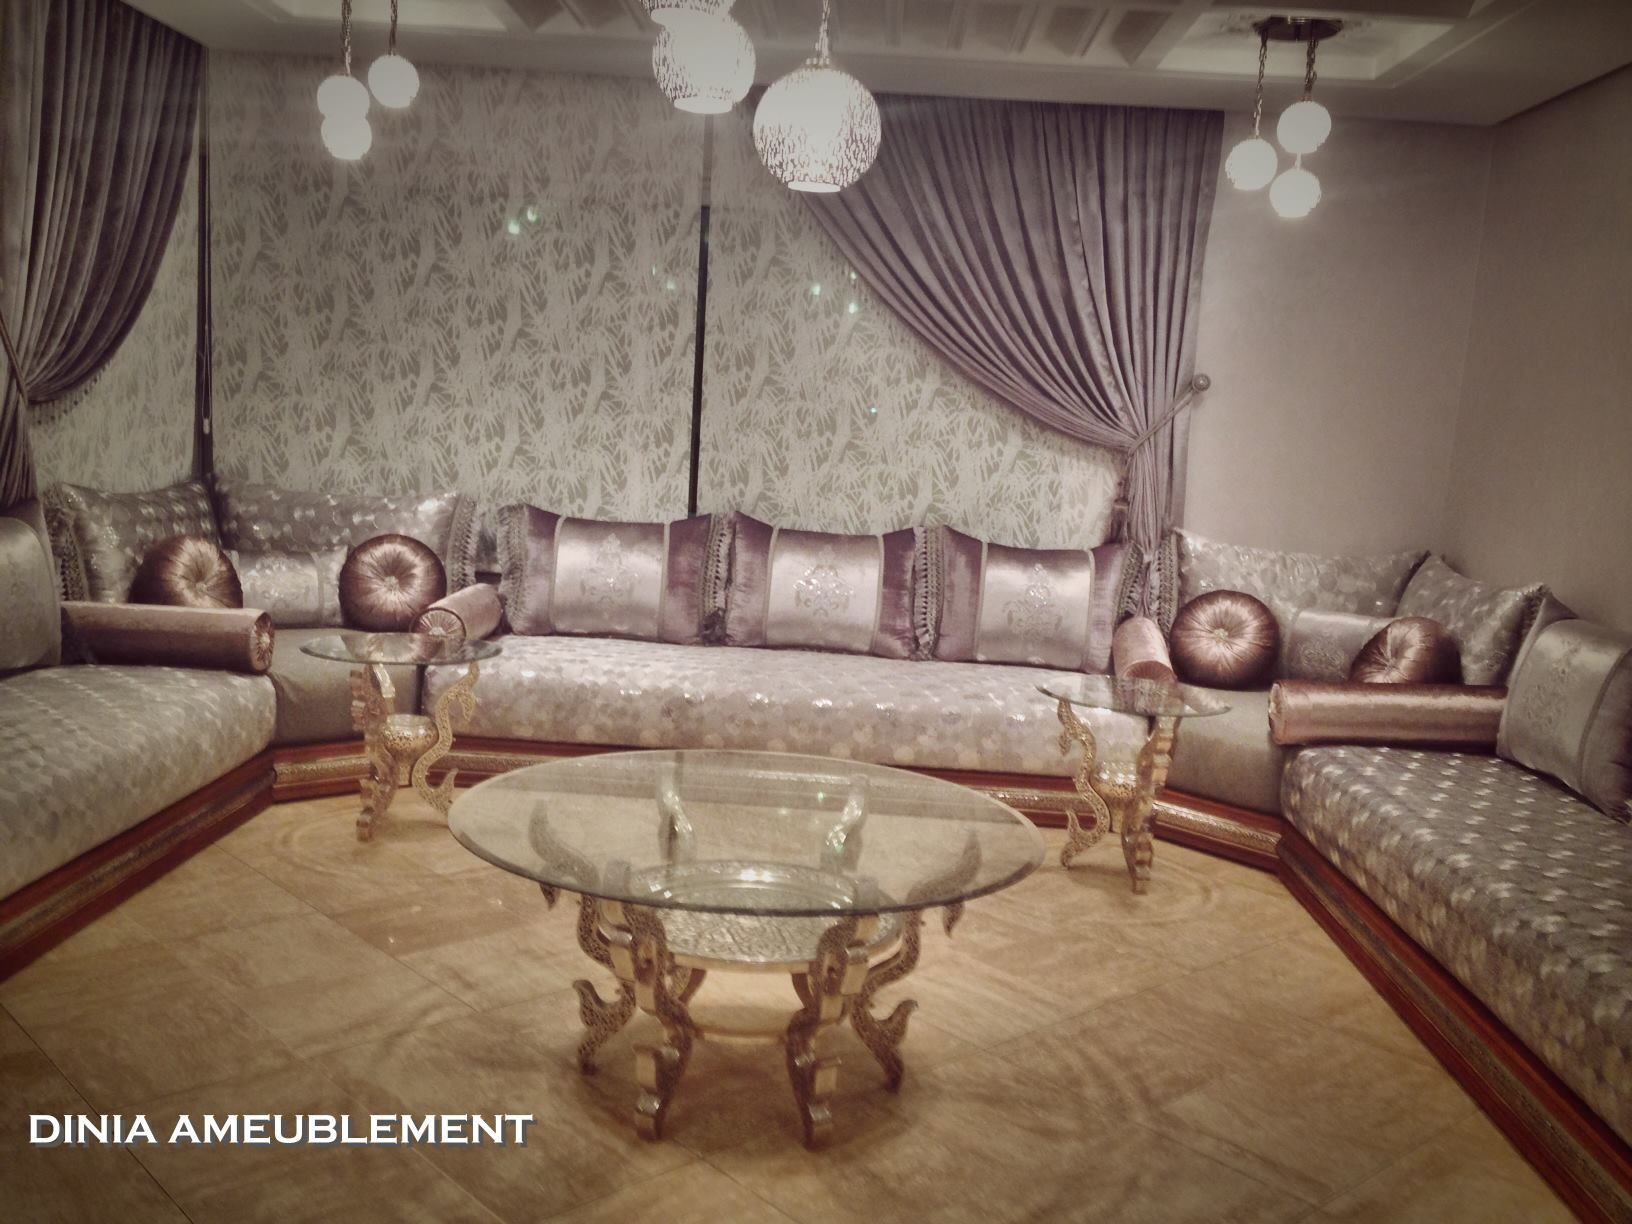 Salon marocain dinia deco pinterest salons for Porte de versaille salon marocain